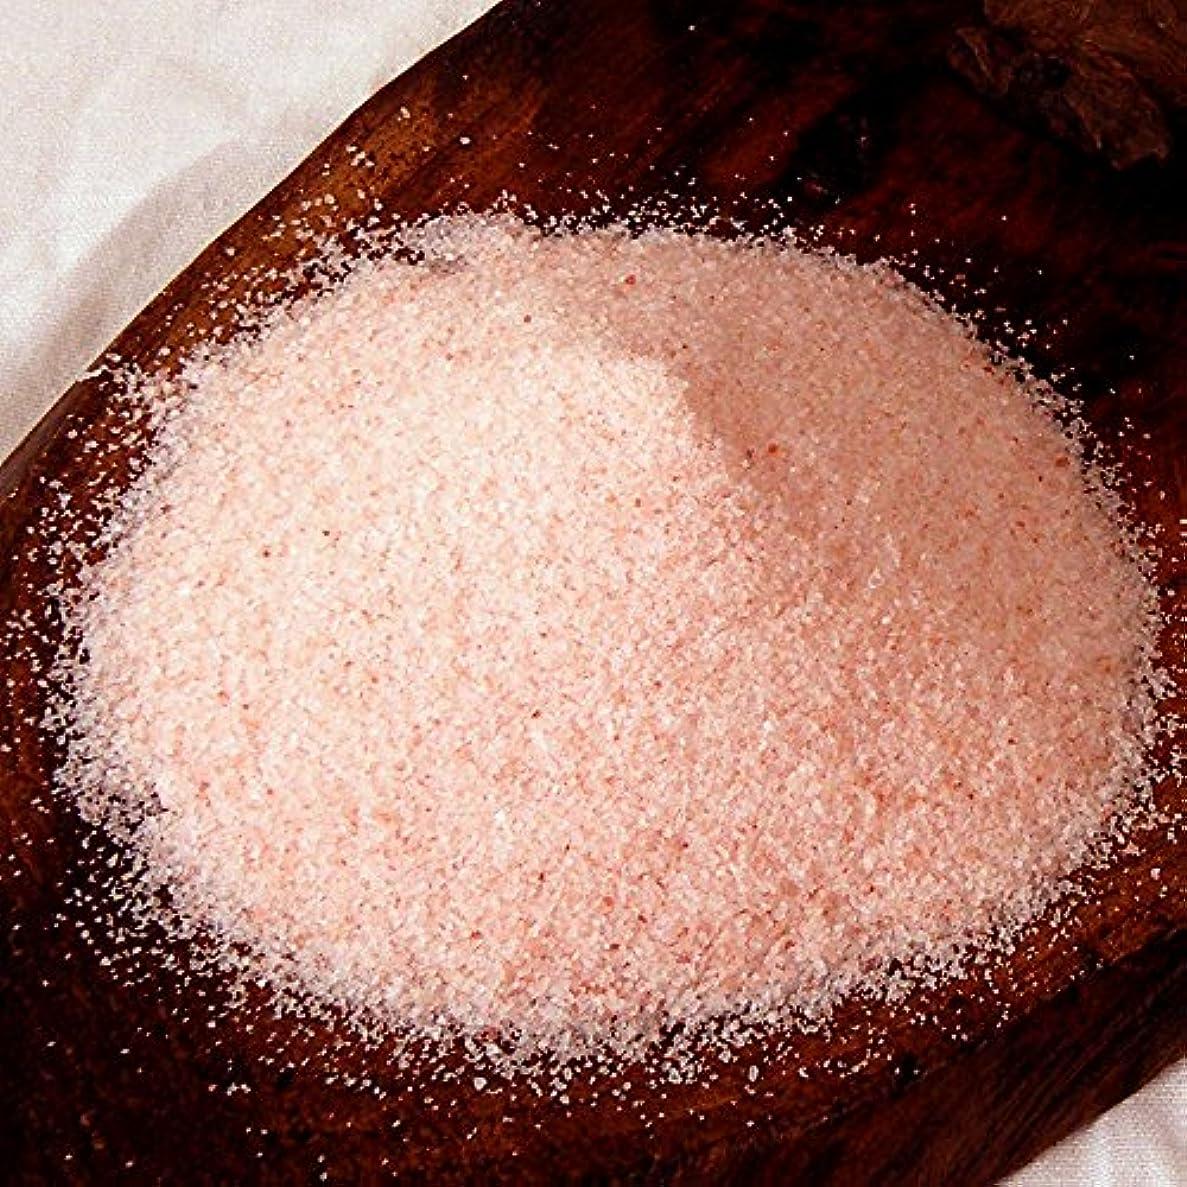 落ち着く六分儀アトミックヒマラヤ岩塩 バスソルト ローズソルト 溶けやすい細粒タイプ 5kg 塩洗顔にも 【保管に便利な1kg×5パック】